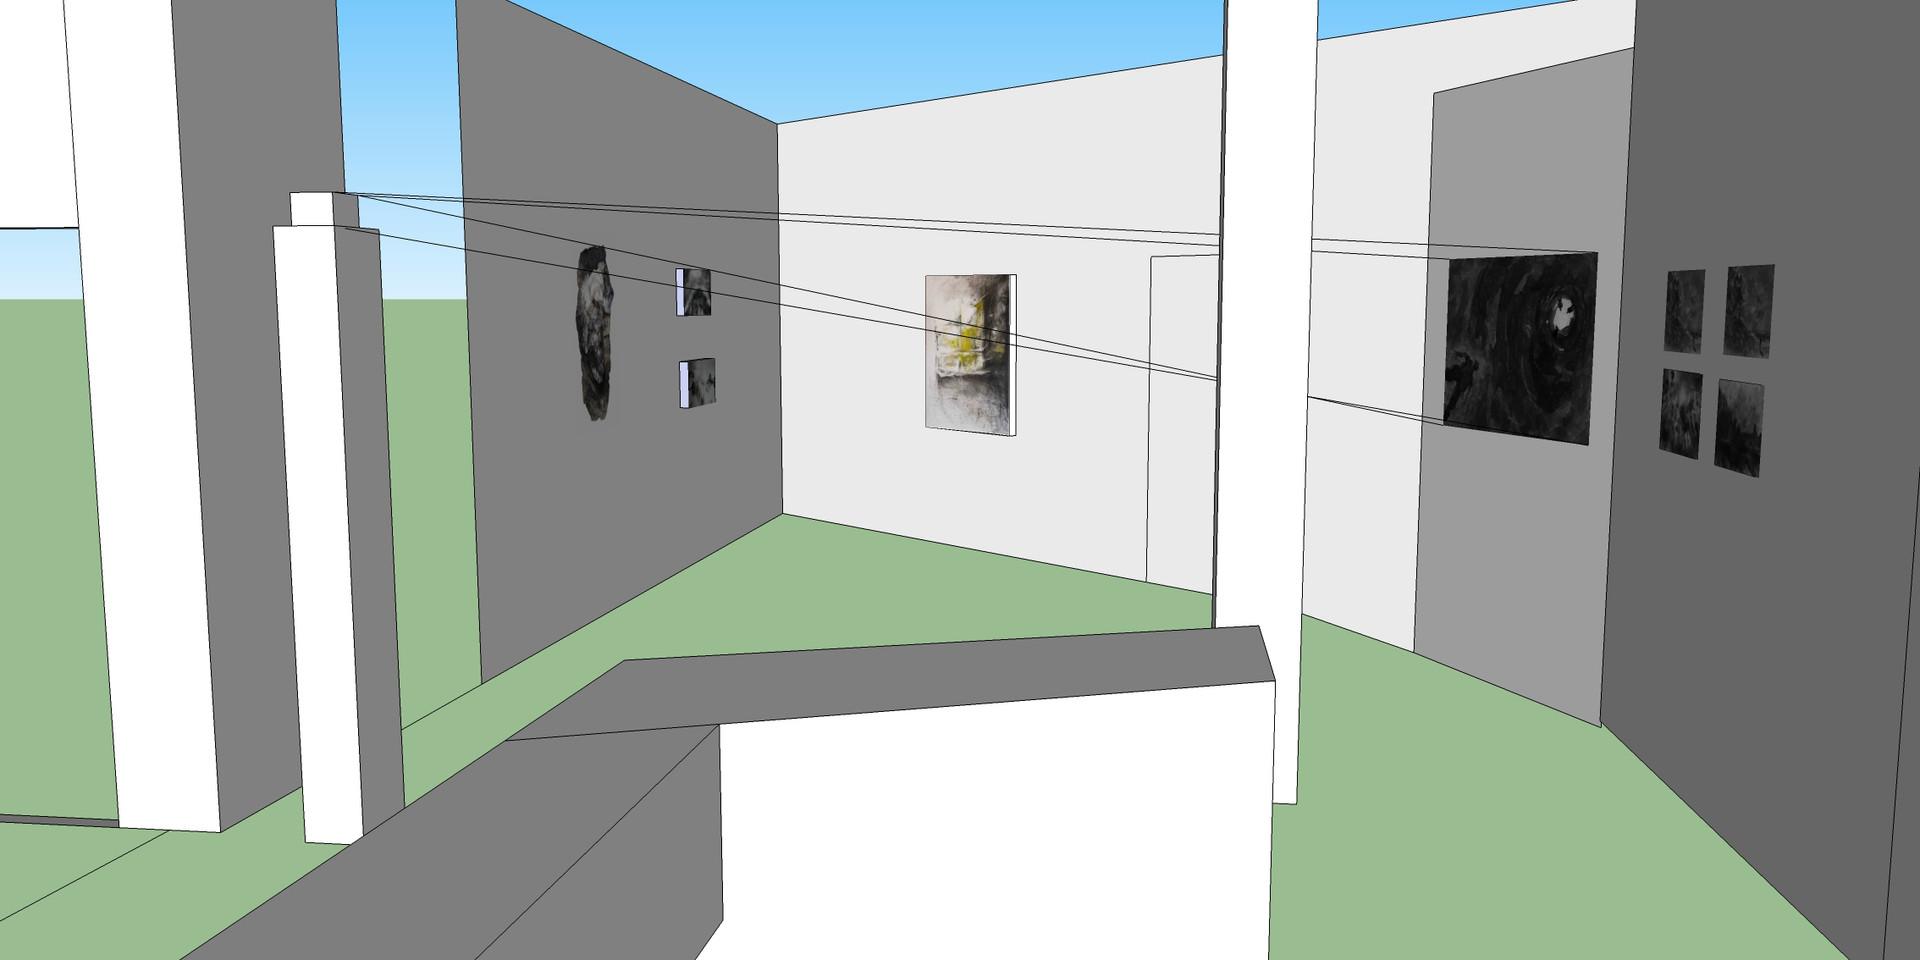 mostra_20200126_09.jpg